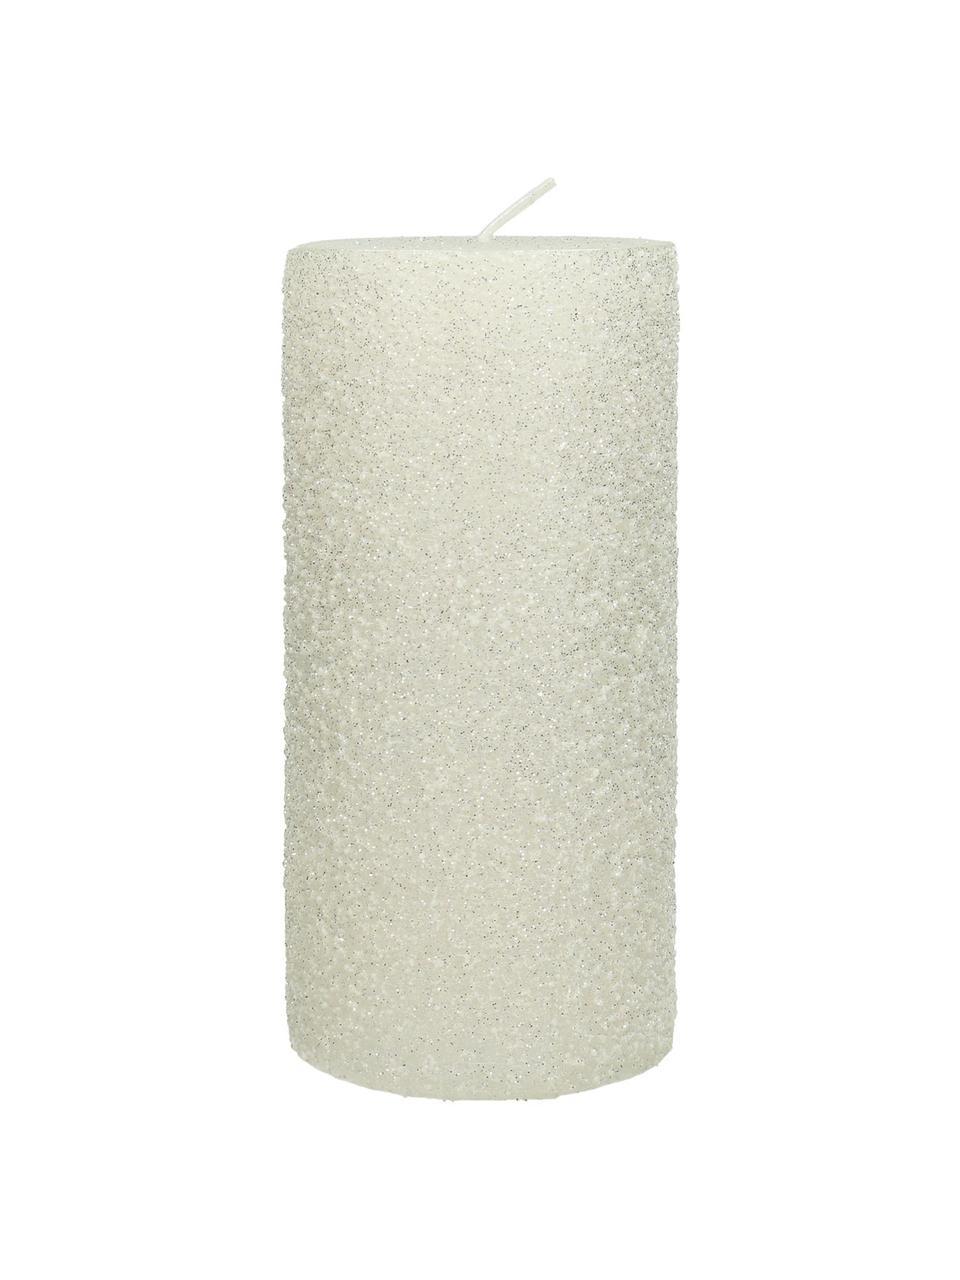 Stumpenkerze Flair, Wachs, Weiß, Ø 7 x H 15 cm